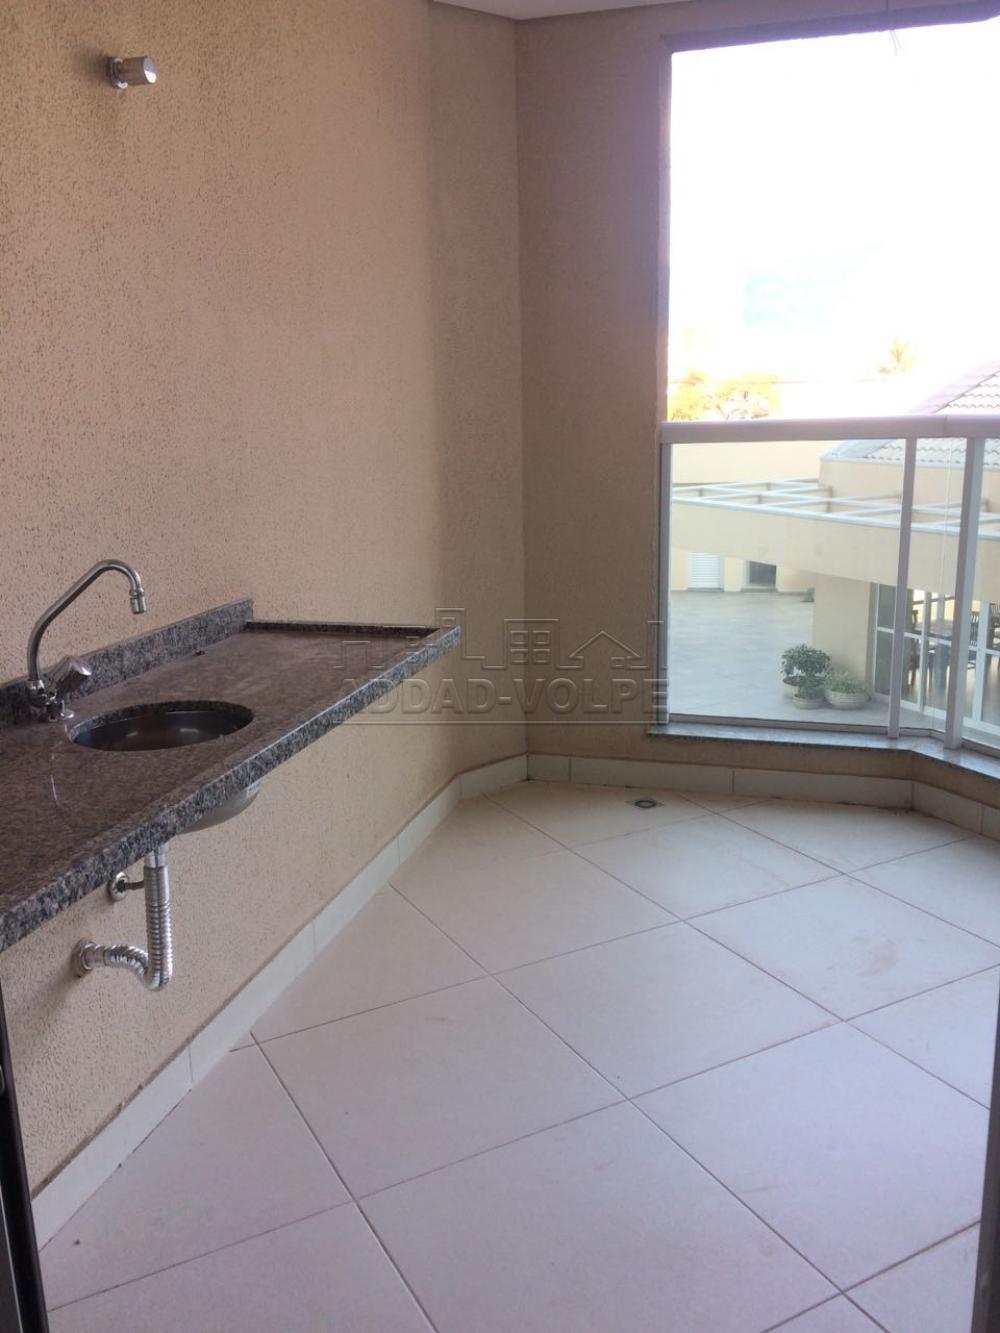 Alugar Apartamento / Padrão em Bauru R$ 2.000,00 - Foto 7